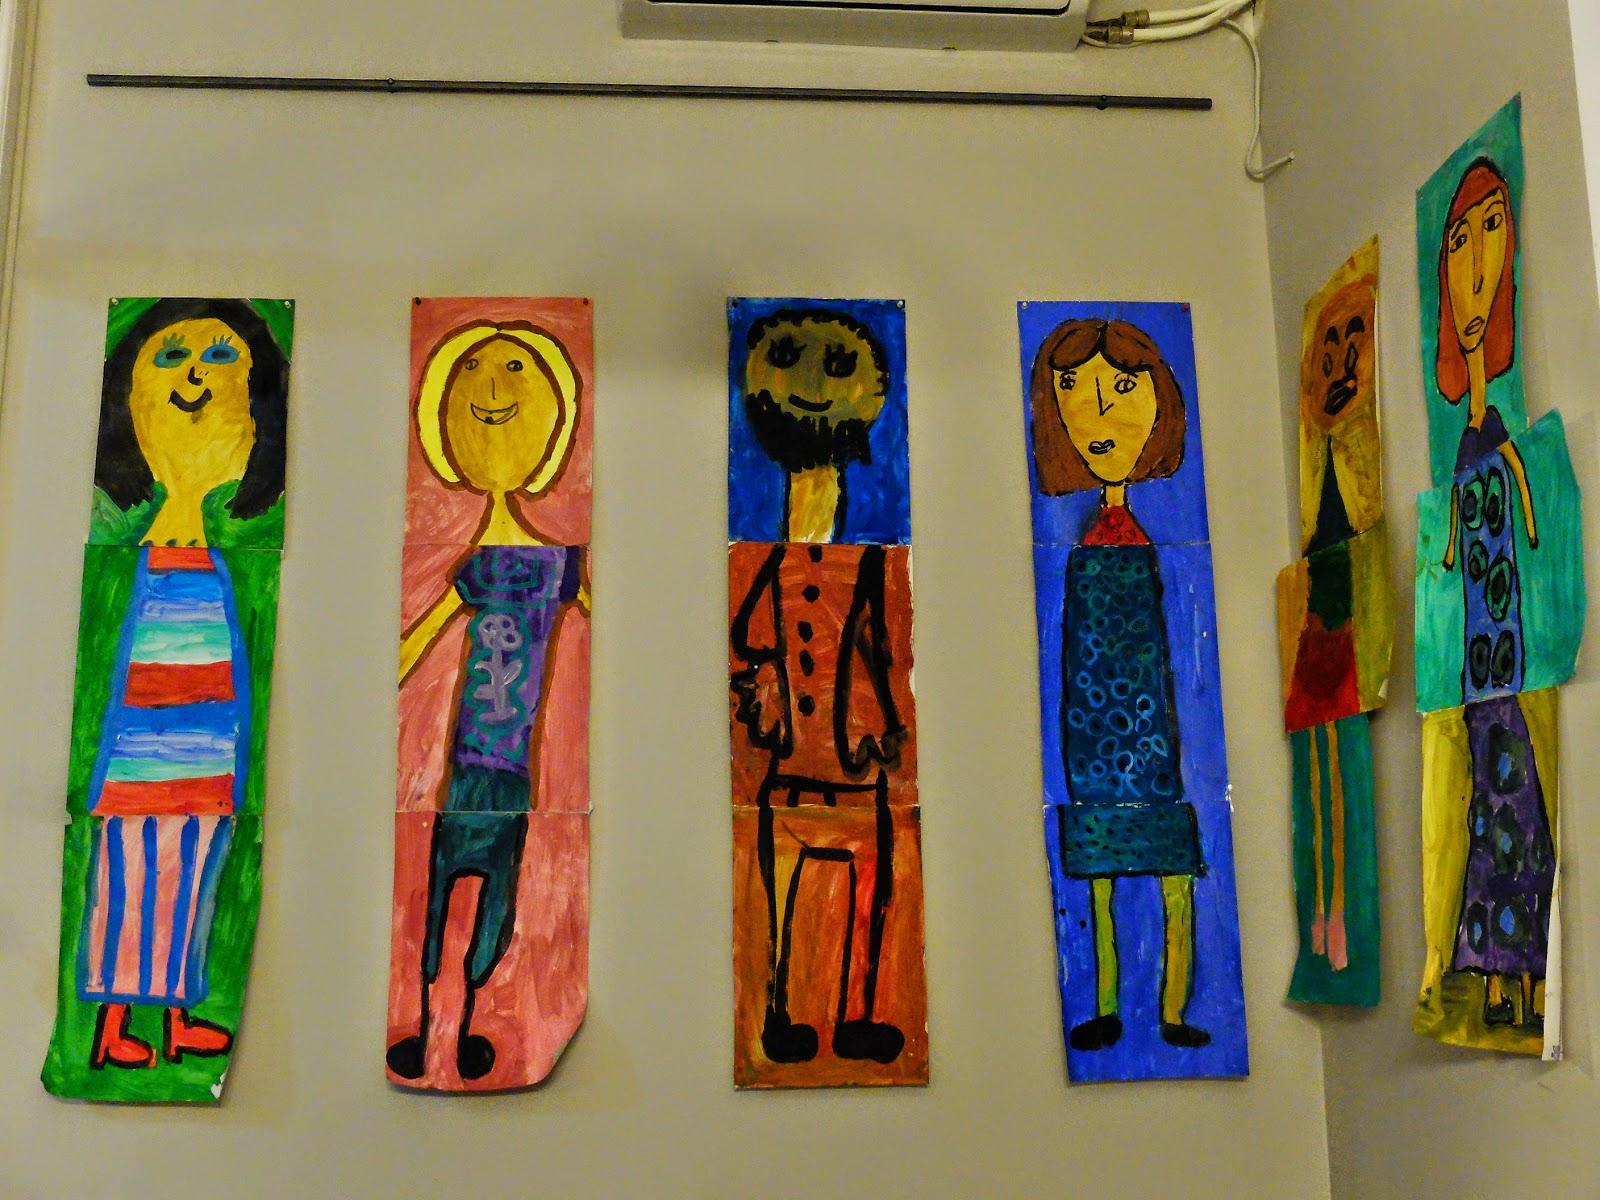 ბავშვების ნახატები